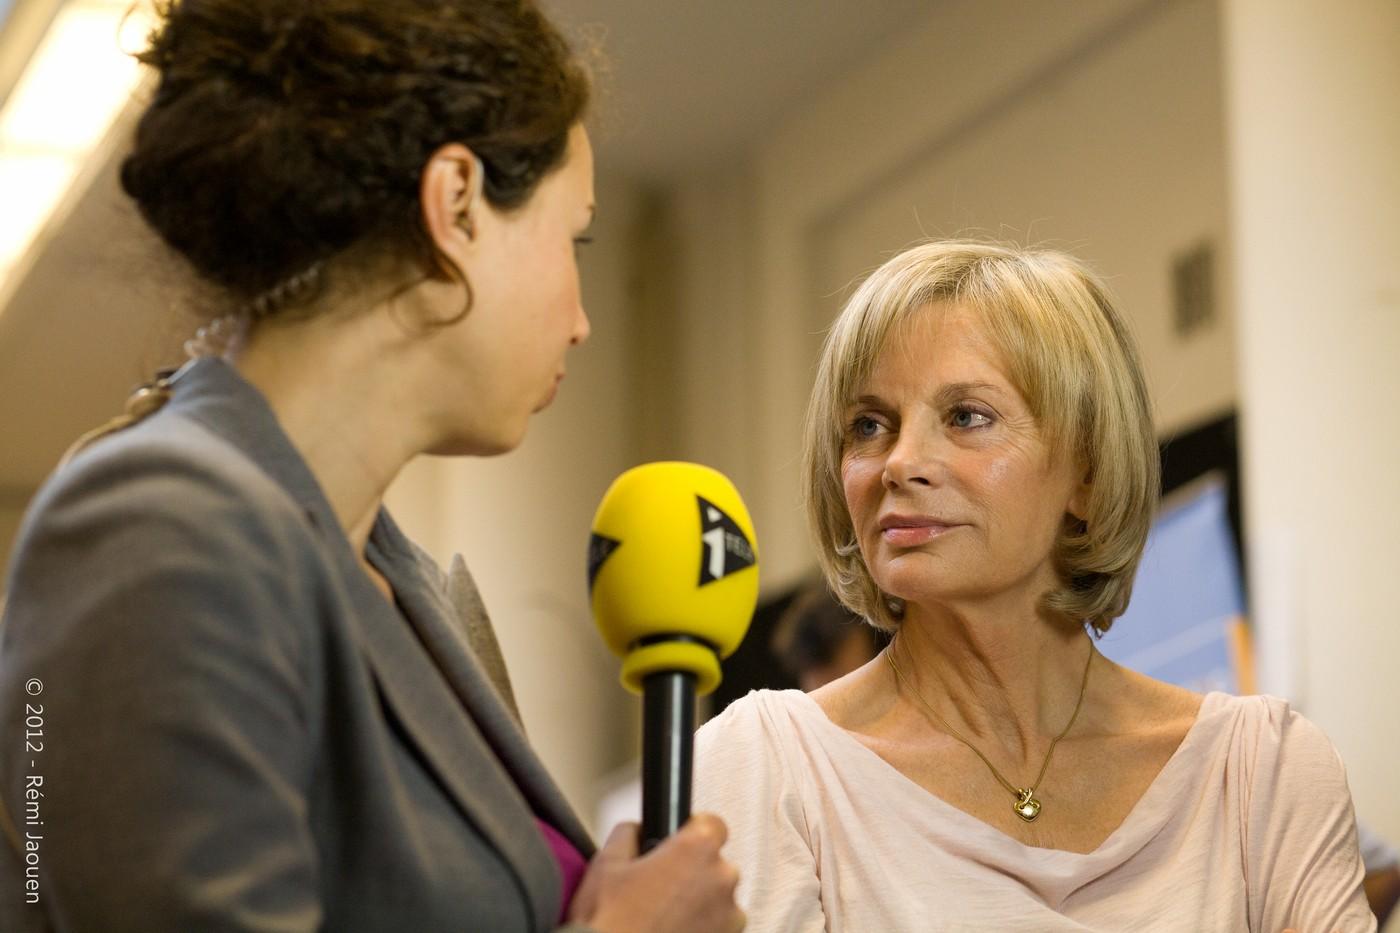 Elisabeth Guigou États Généraux de l'Europe Rémi Jaouen Reportage photo Politique Corporate